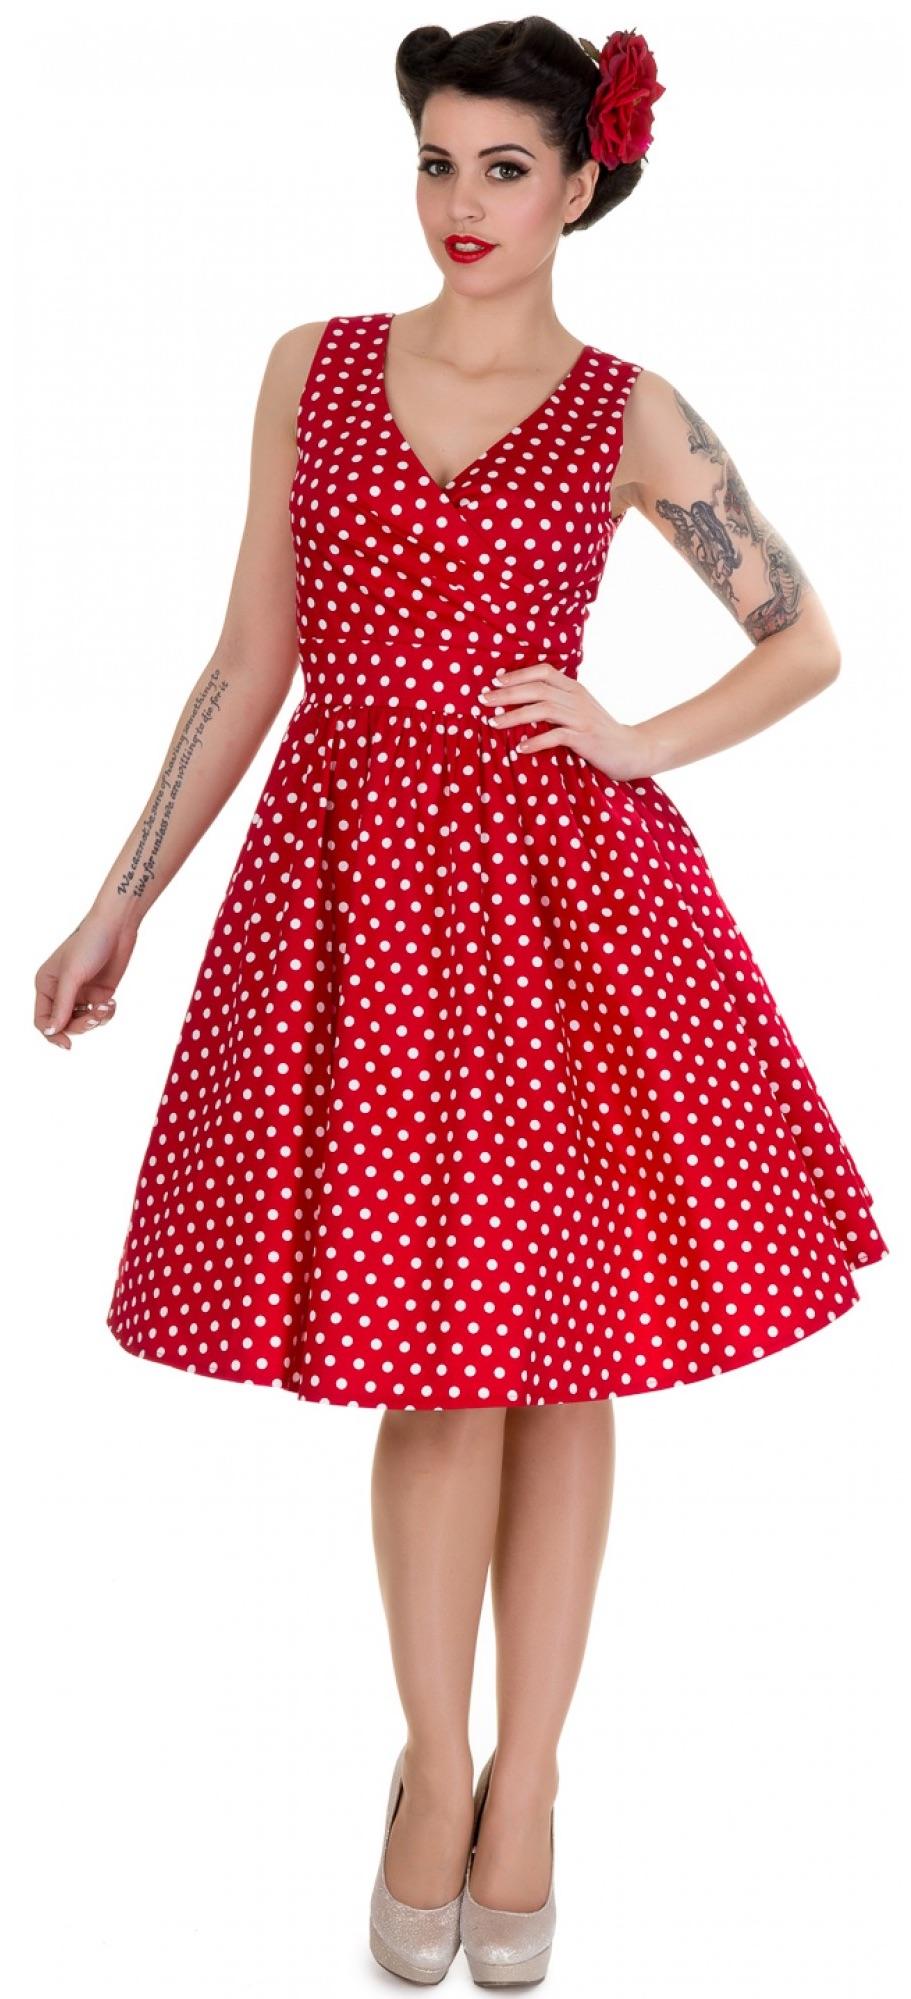 2e264ac552cf Štýlové červené retro šaty s bielými bodkami.